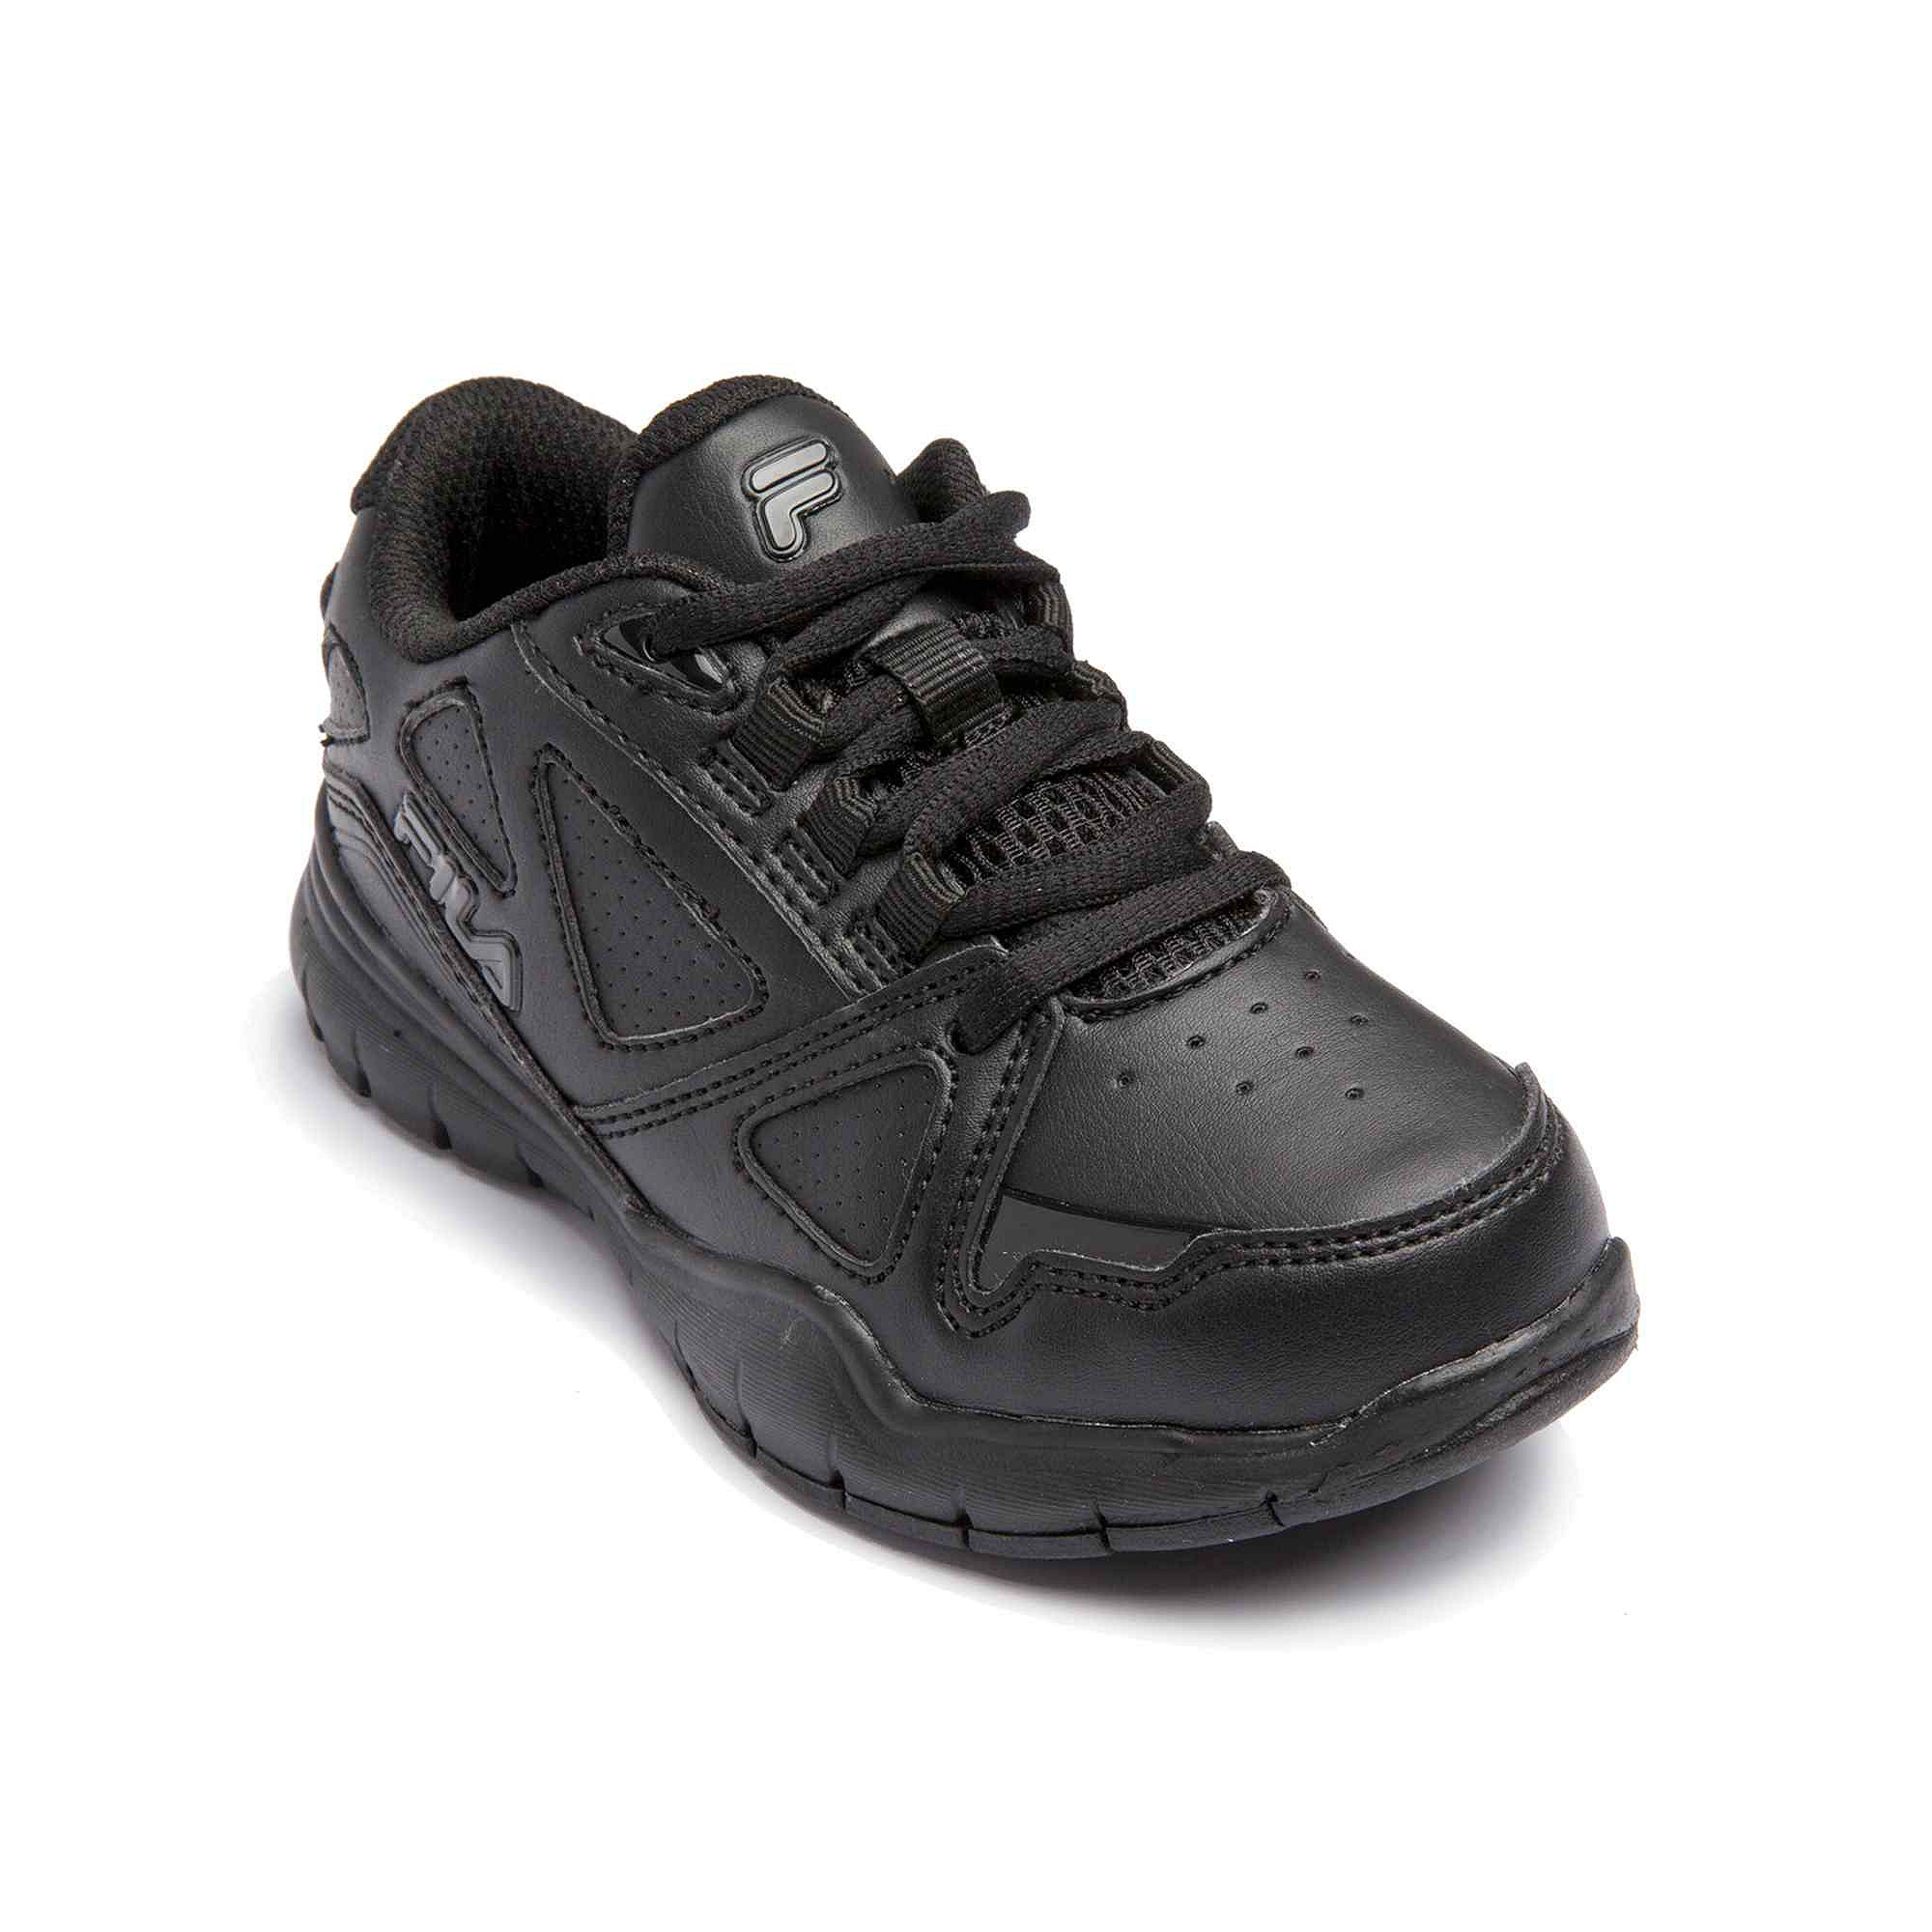 UPC 691115945470 Fila Side By Side Cross Training Shoe